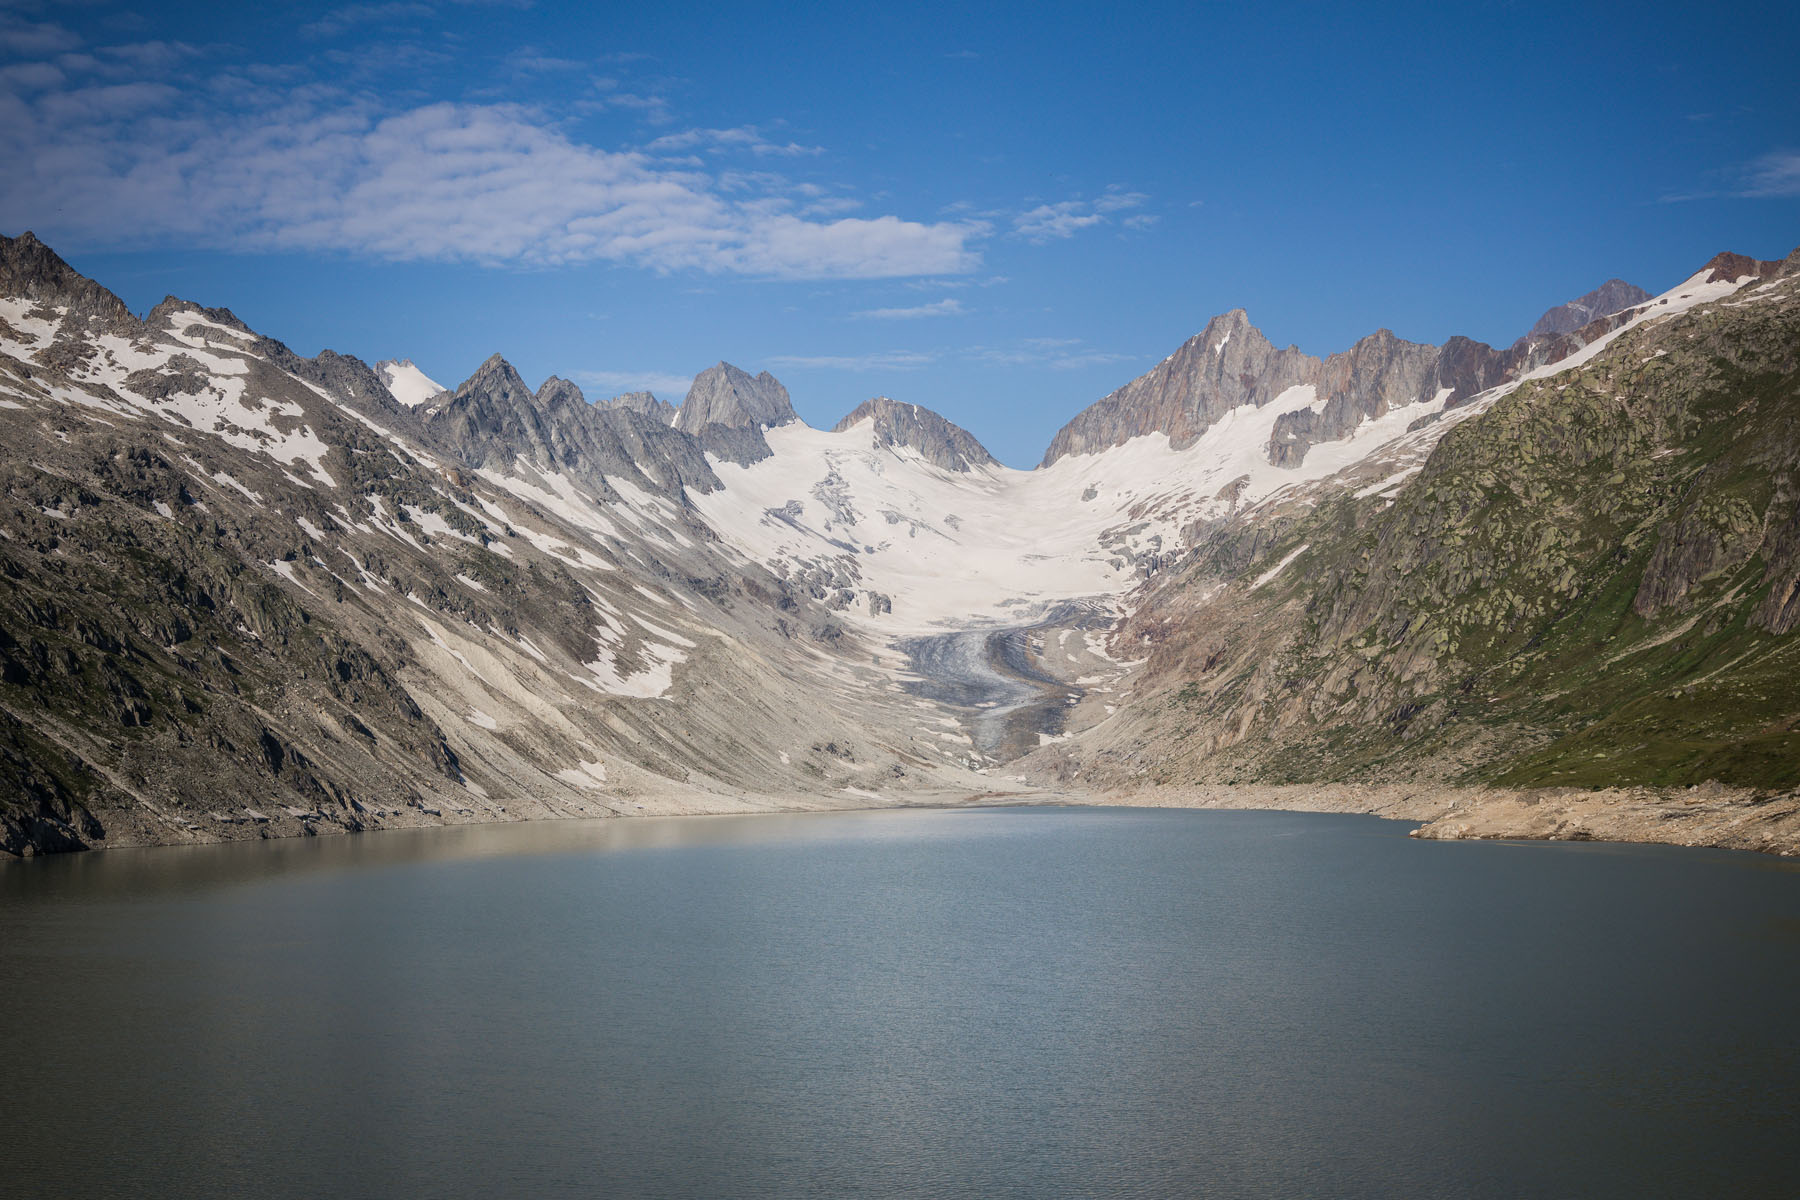 Der Oberaarsee unterhalb des Oberaargletschers ist der höchstgelegene Stausee im Quellgebiet der Aare in der Grimselwelt.